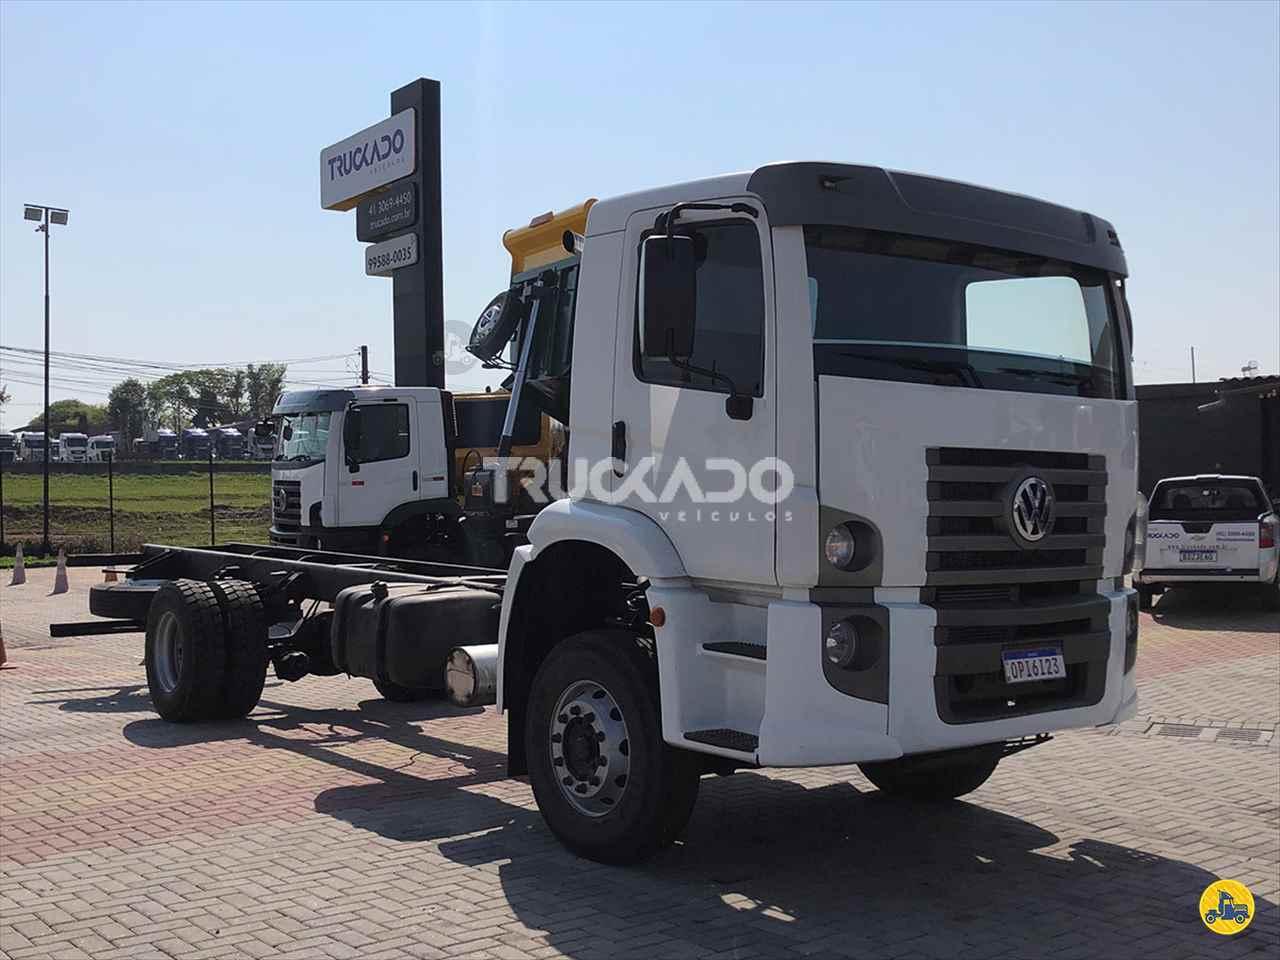 CAMINHAO VOLKSWAGEN VW 17280 Chassis Toco 4x2 Truckado Veículos SINOP MATO GROSSO MT